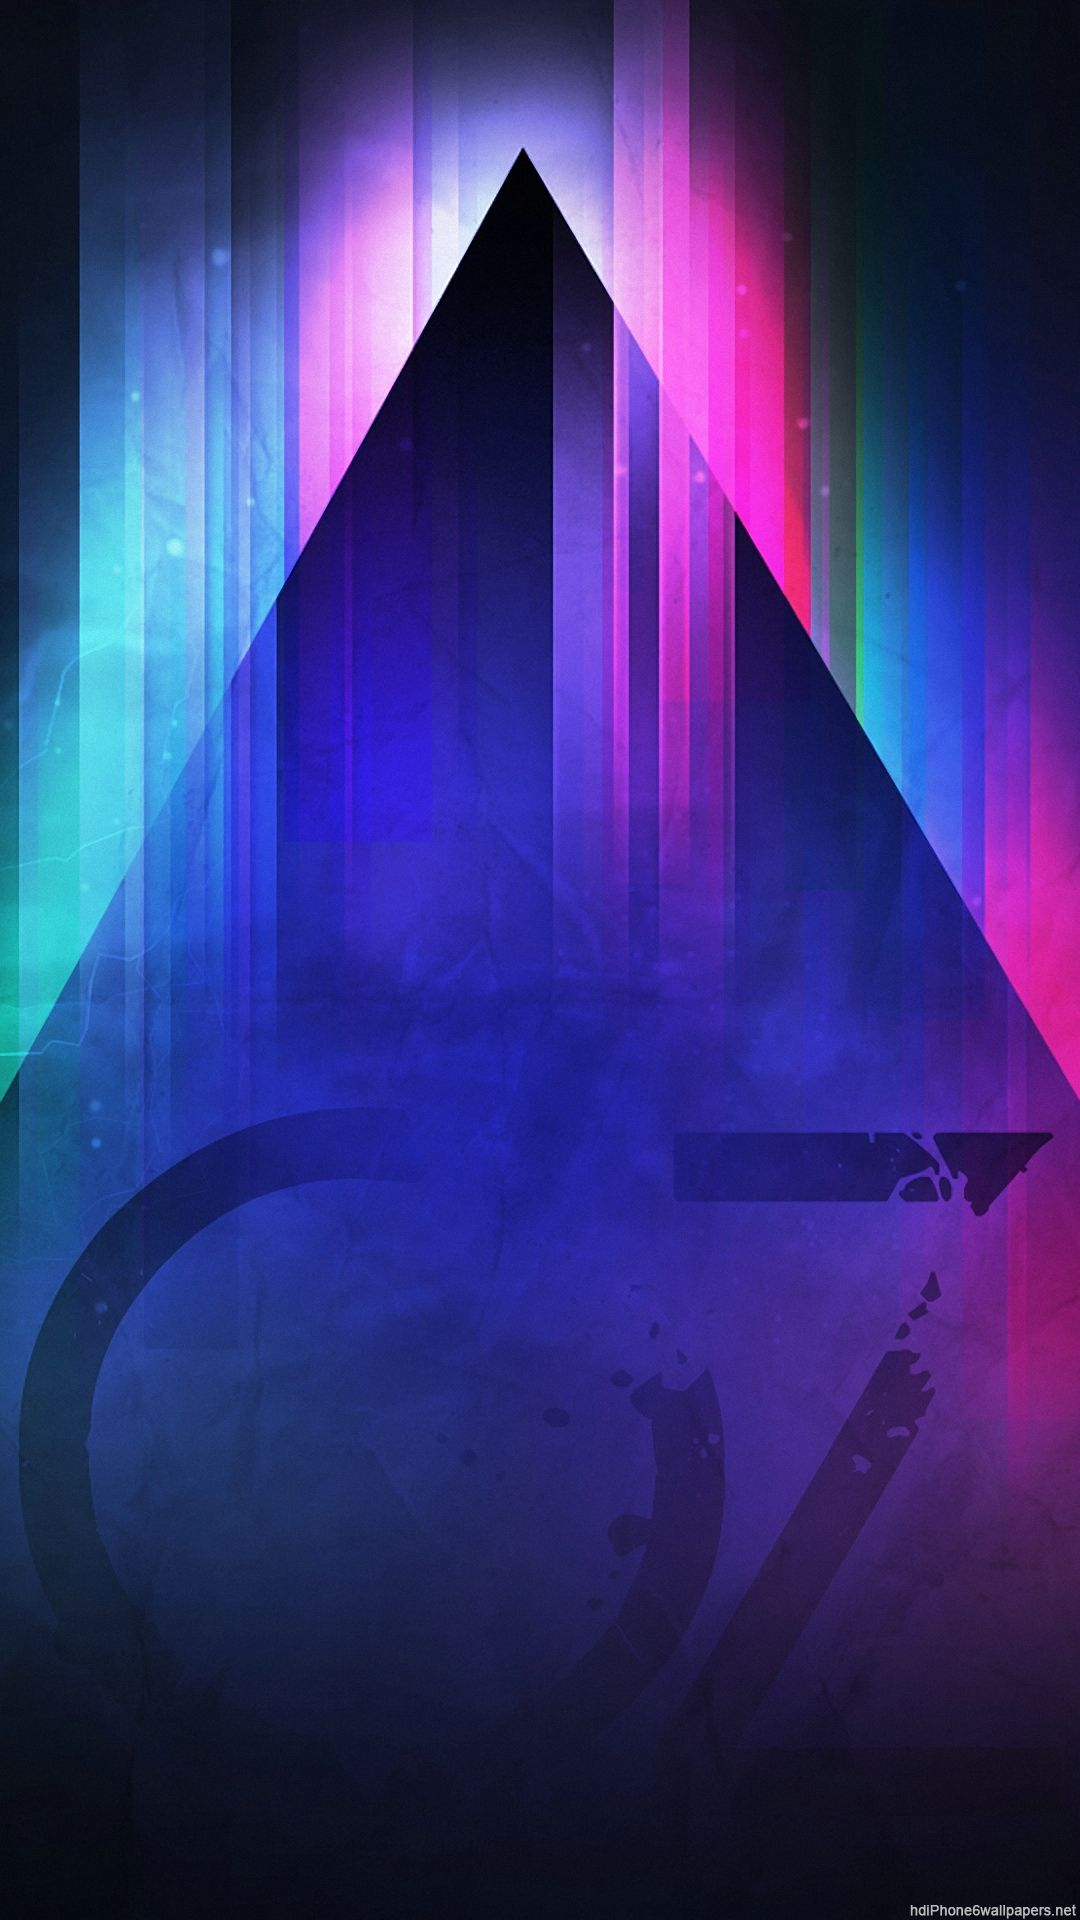 Rainbow Galaxy Wallpapers - Top Free Rainbow Galaxy ...